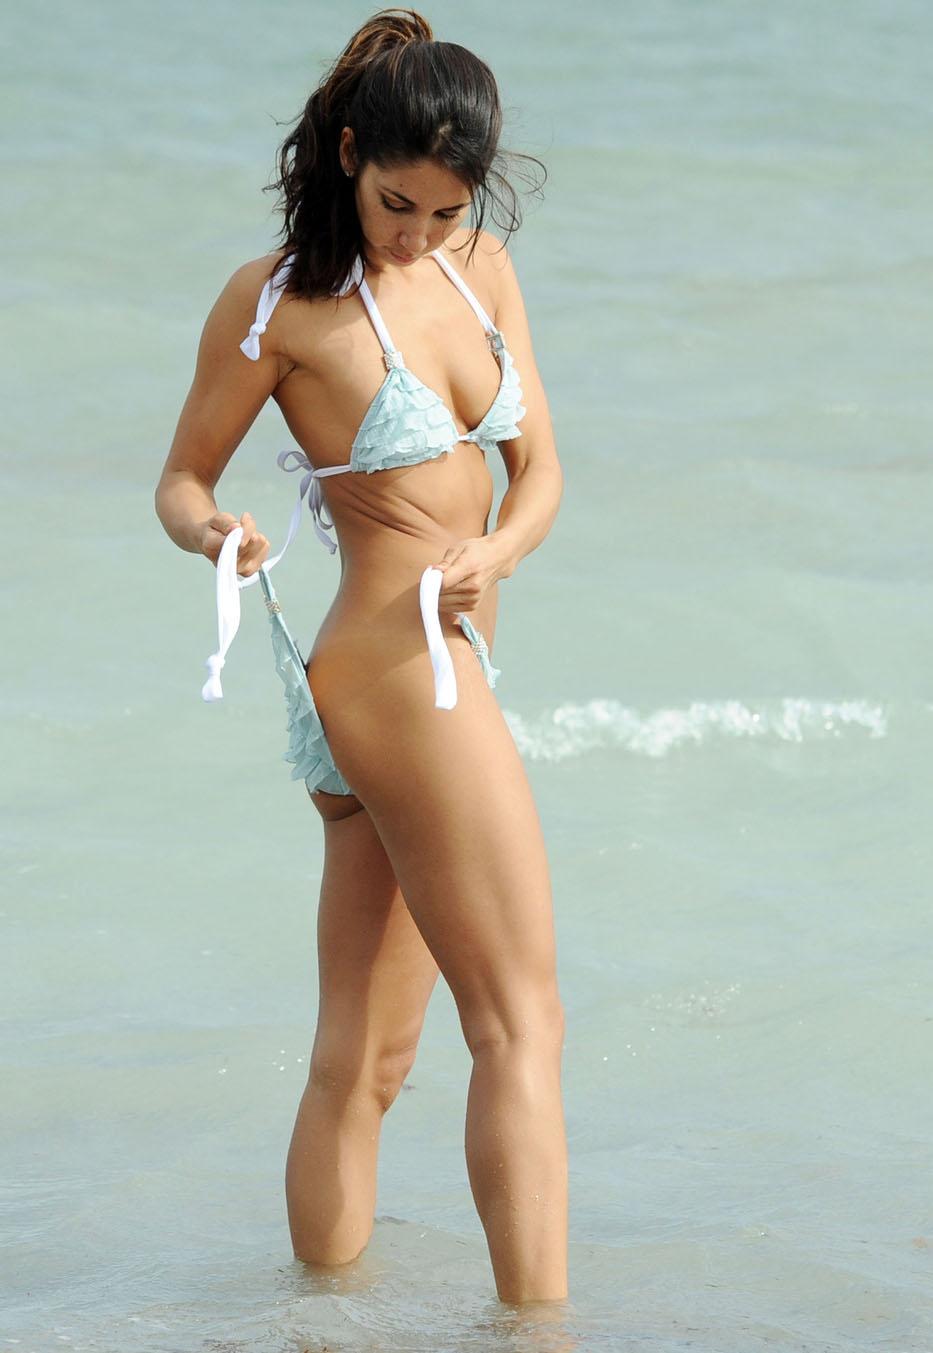 N-Yo-Face: Leilani's bikini falling off